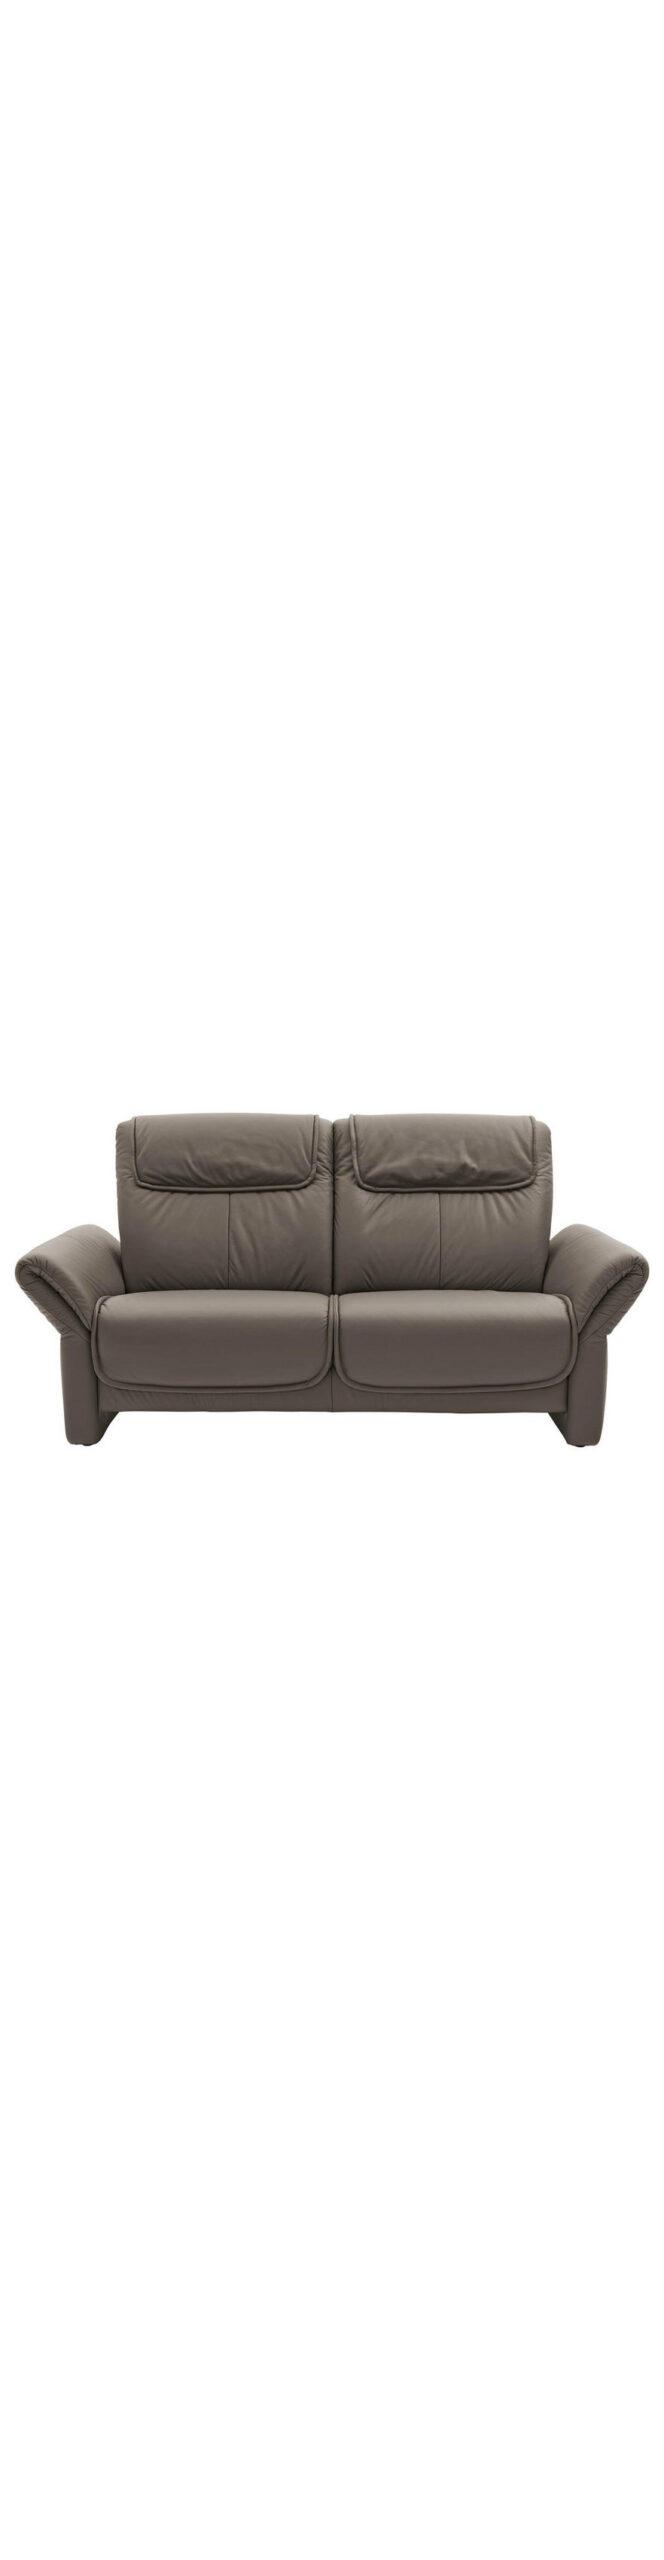 Full Size of 2 5 Sitzer Sofa Mit Relaxfunktion Leder Marilyn Couch Federkern Stoff Grau Elektrisch Schlaffunktion Microfaser Landhausstil Dreisitzer Lounge Garten Benz L Sofa Sofa 2 5 Sitzer